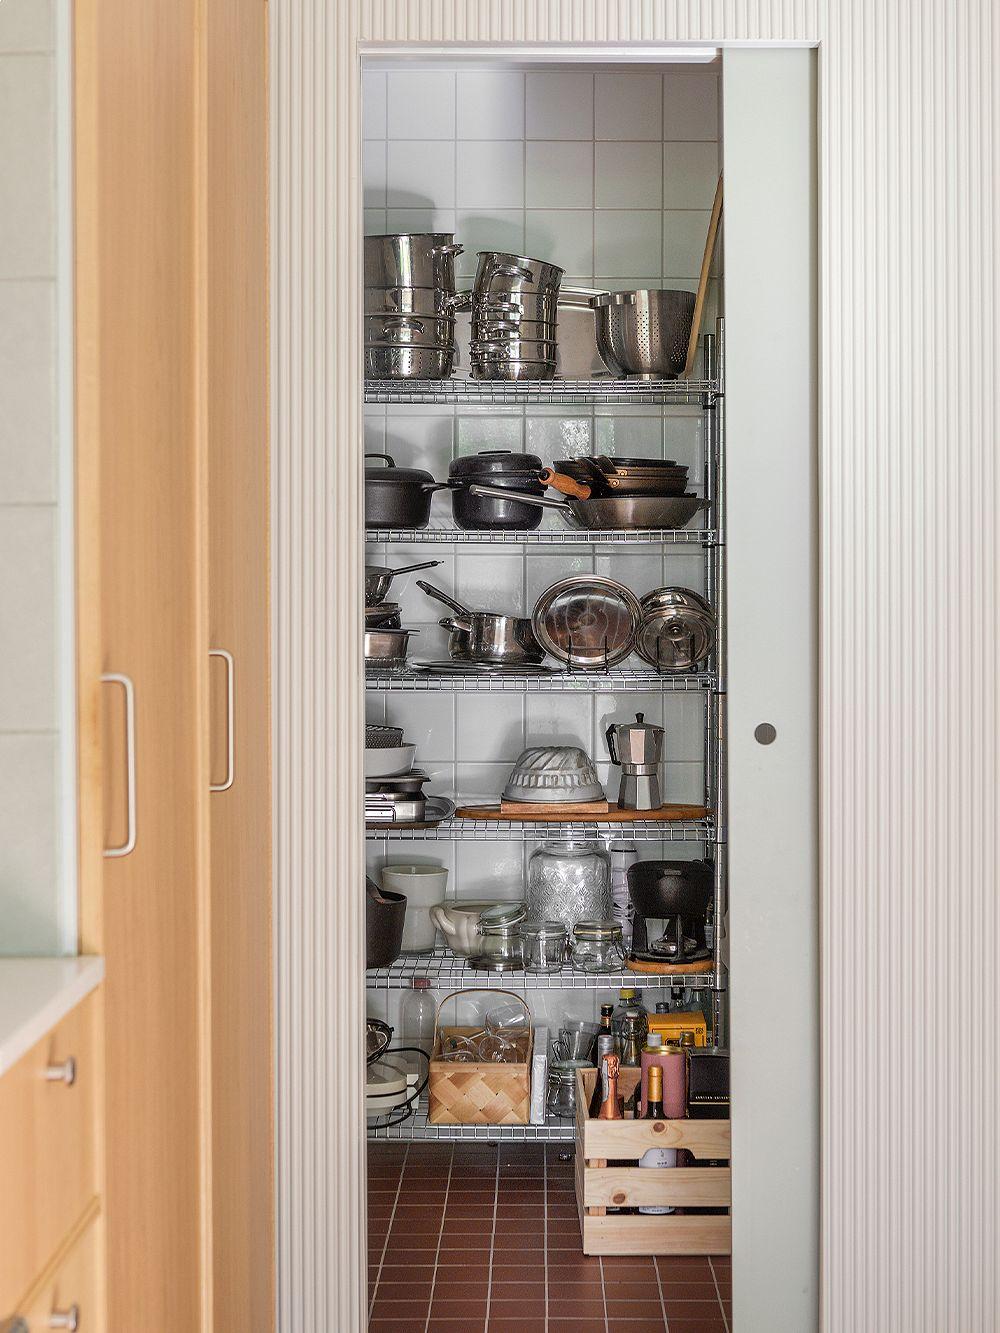 Vanha kylmiö keittiössä